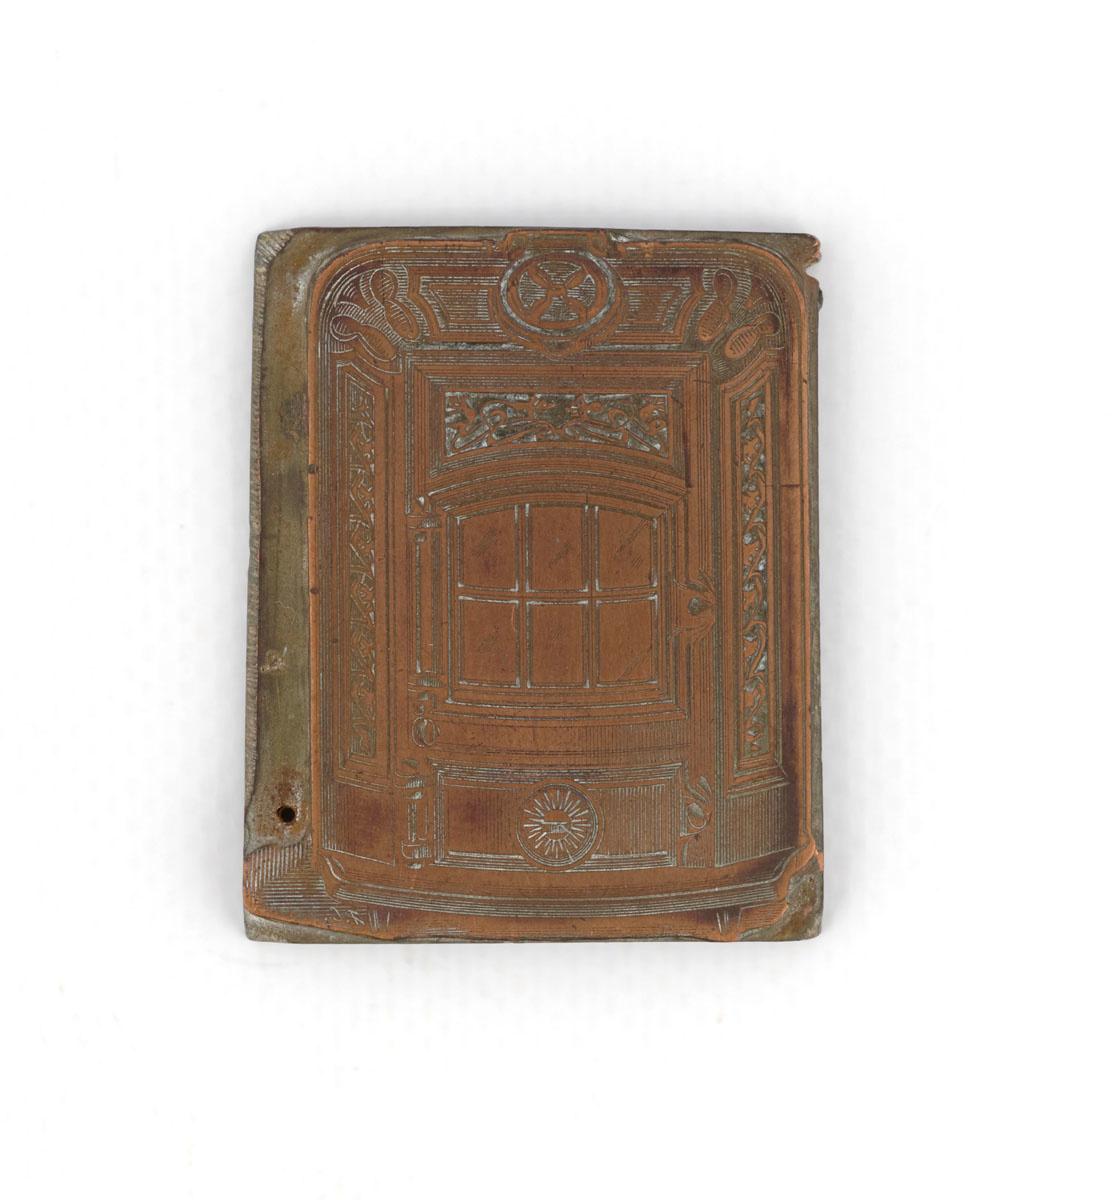 Vue de la gravure sur cuivre figurant le foyer hygiénique n° 2346.